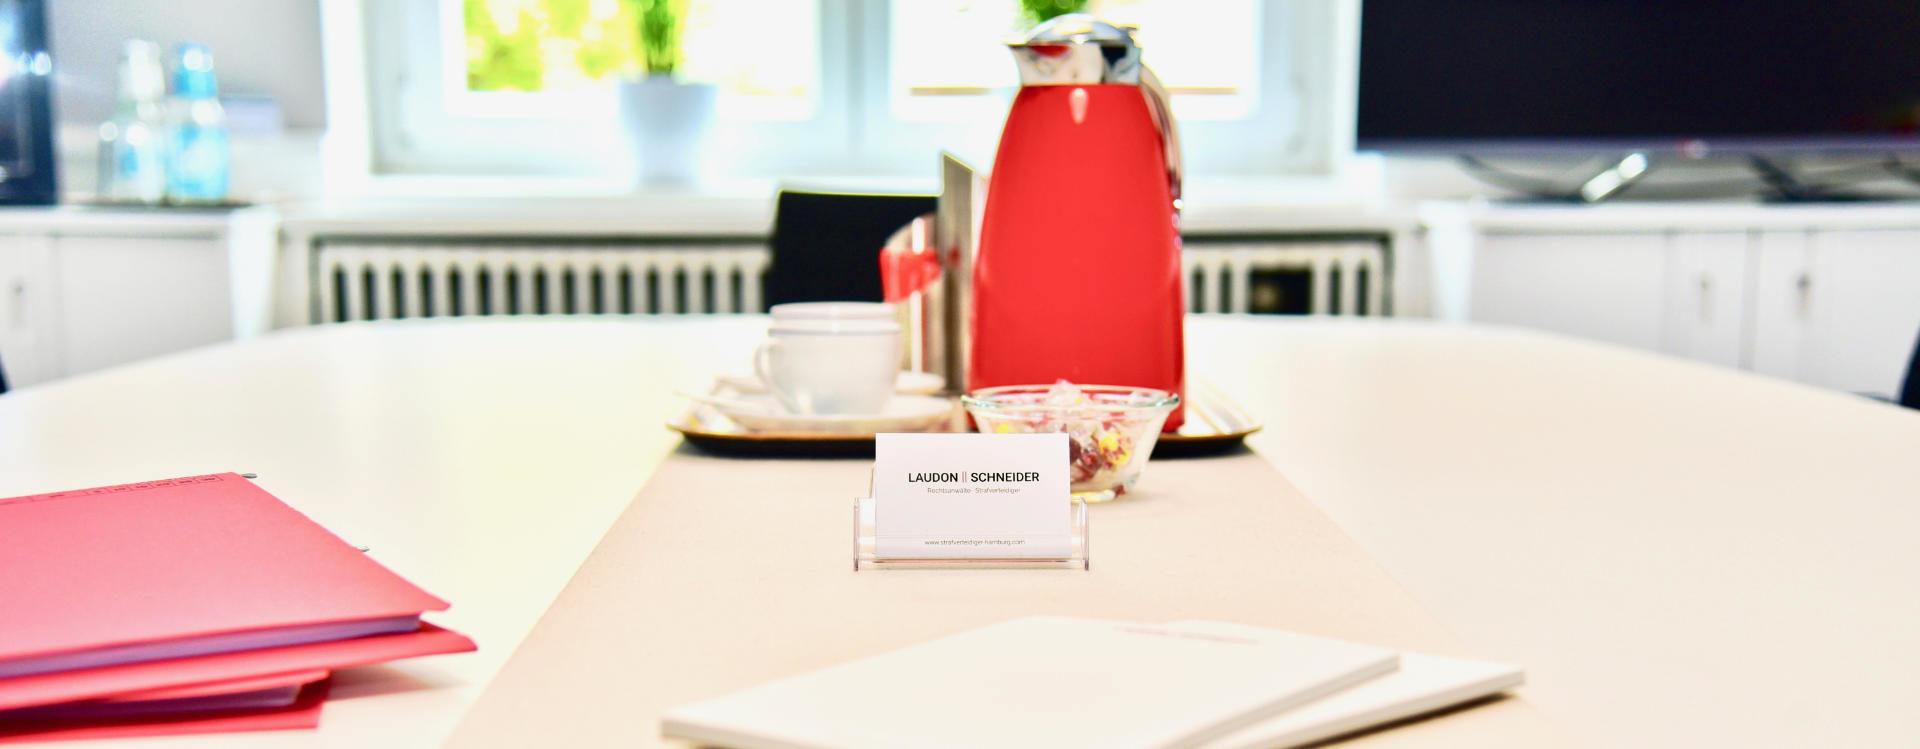 Kontakt | Rufen Sie an oder schreiben Sie eine Email. Strafverteidiger Hamburg